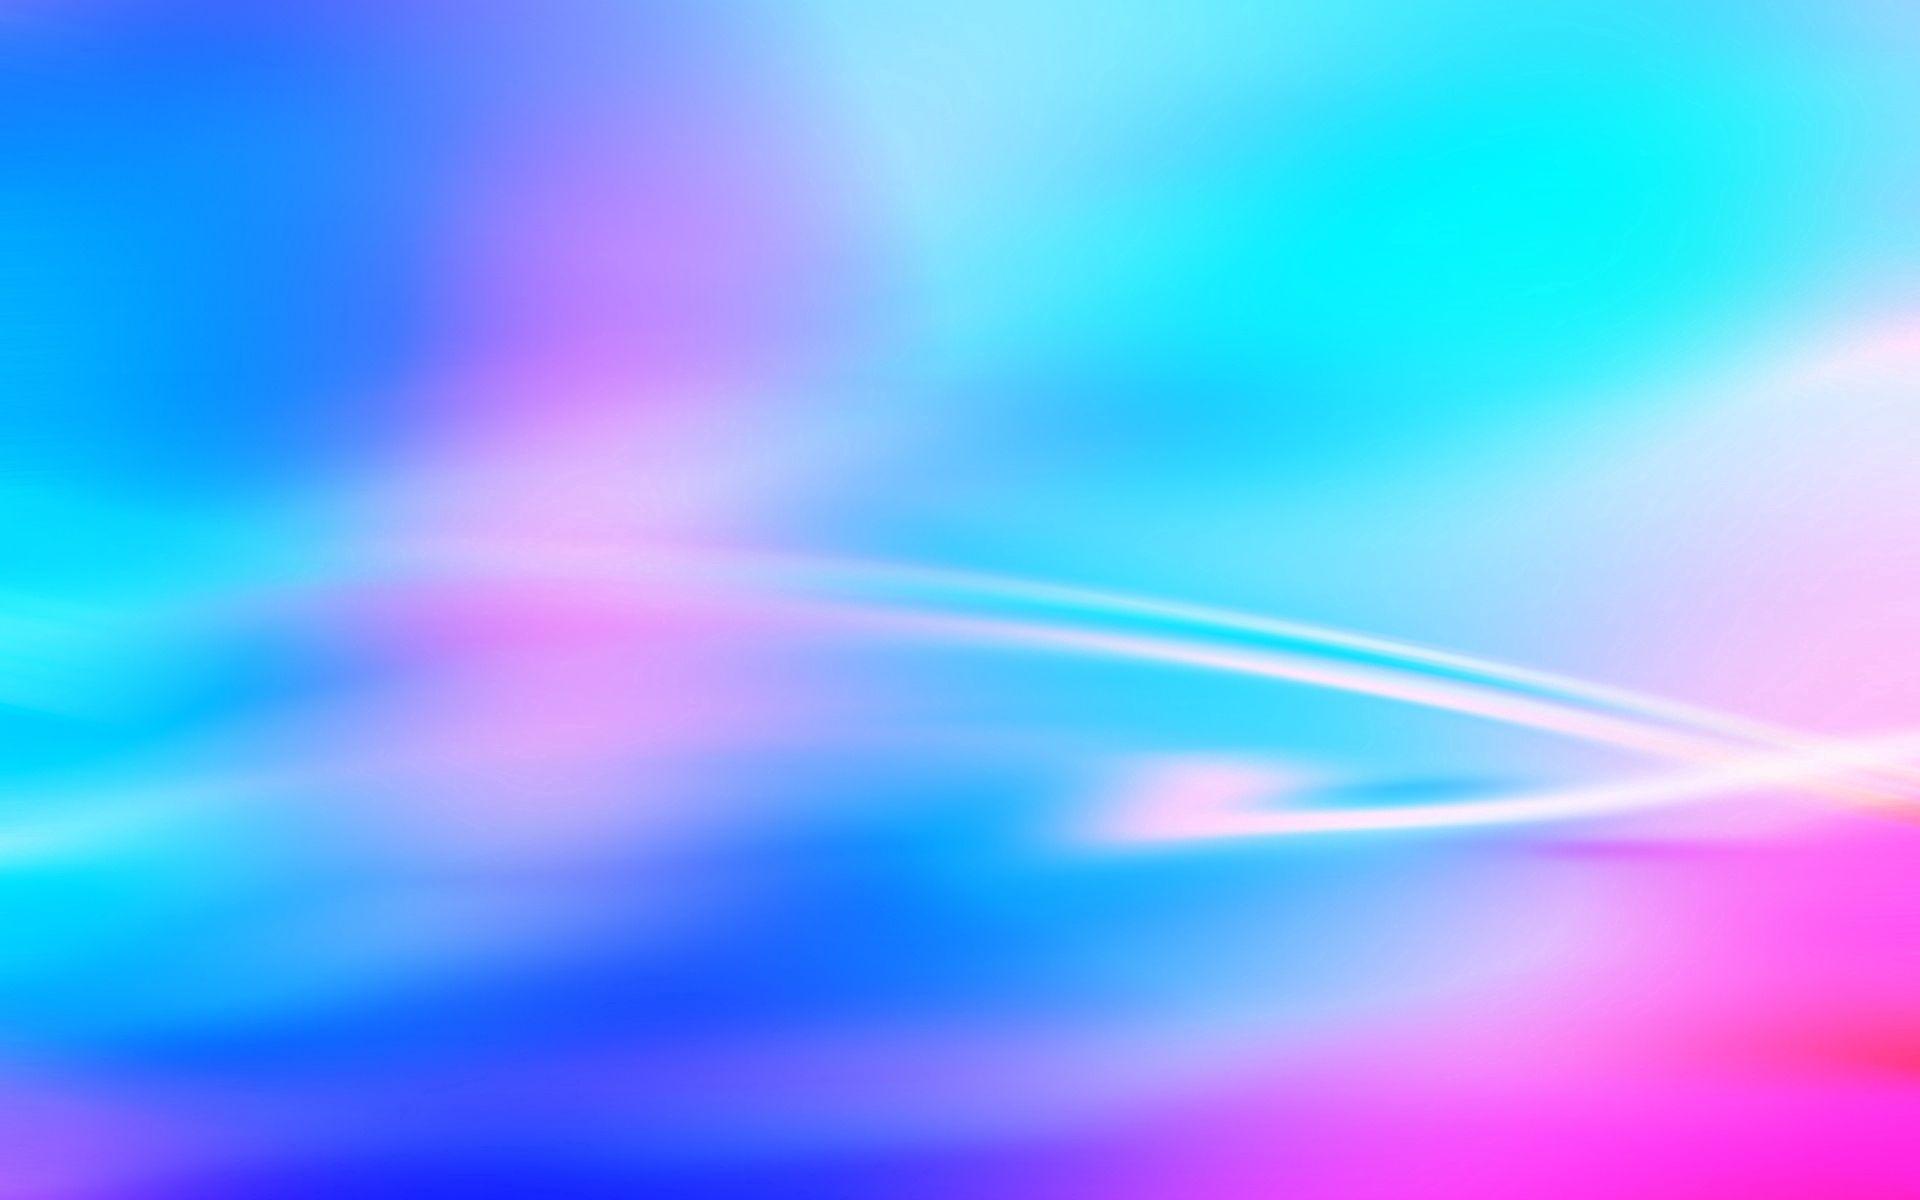 56479 descarga Azul fondos de pantalla para tu teléfono gratis, Abstracción, Líneas, Lineas, Brillar, Luz, Rosa, Rosado Azul imágenes y protectores de pantalla para tu teléfono